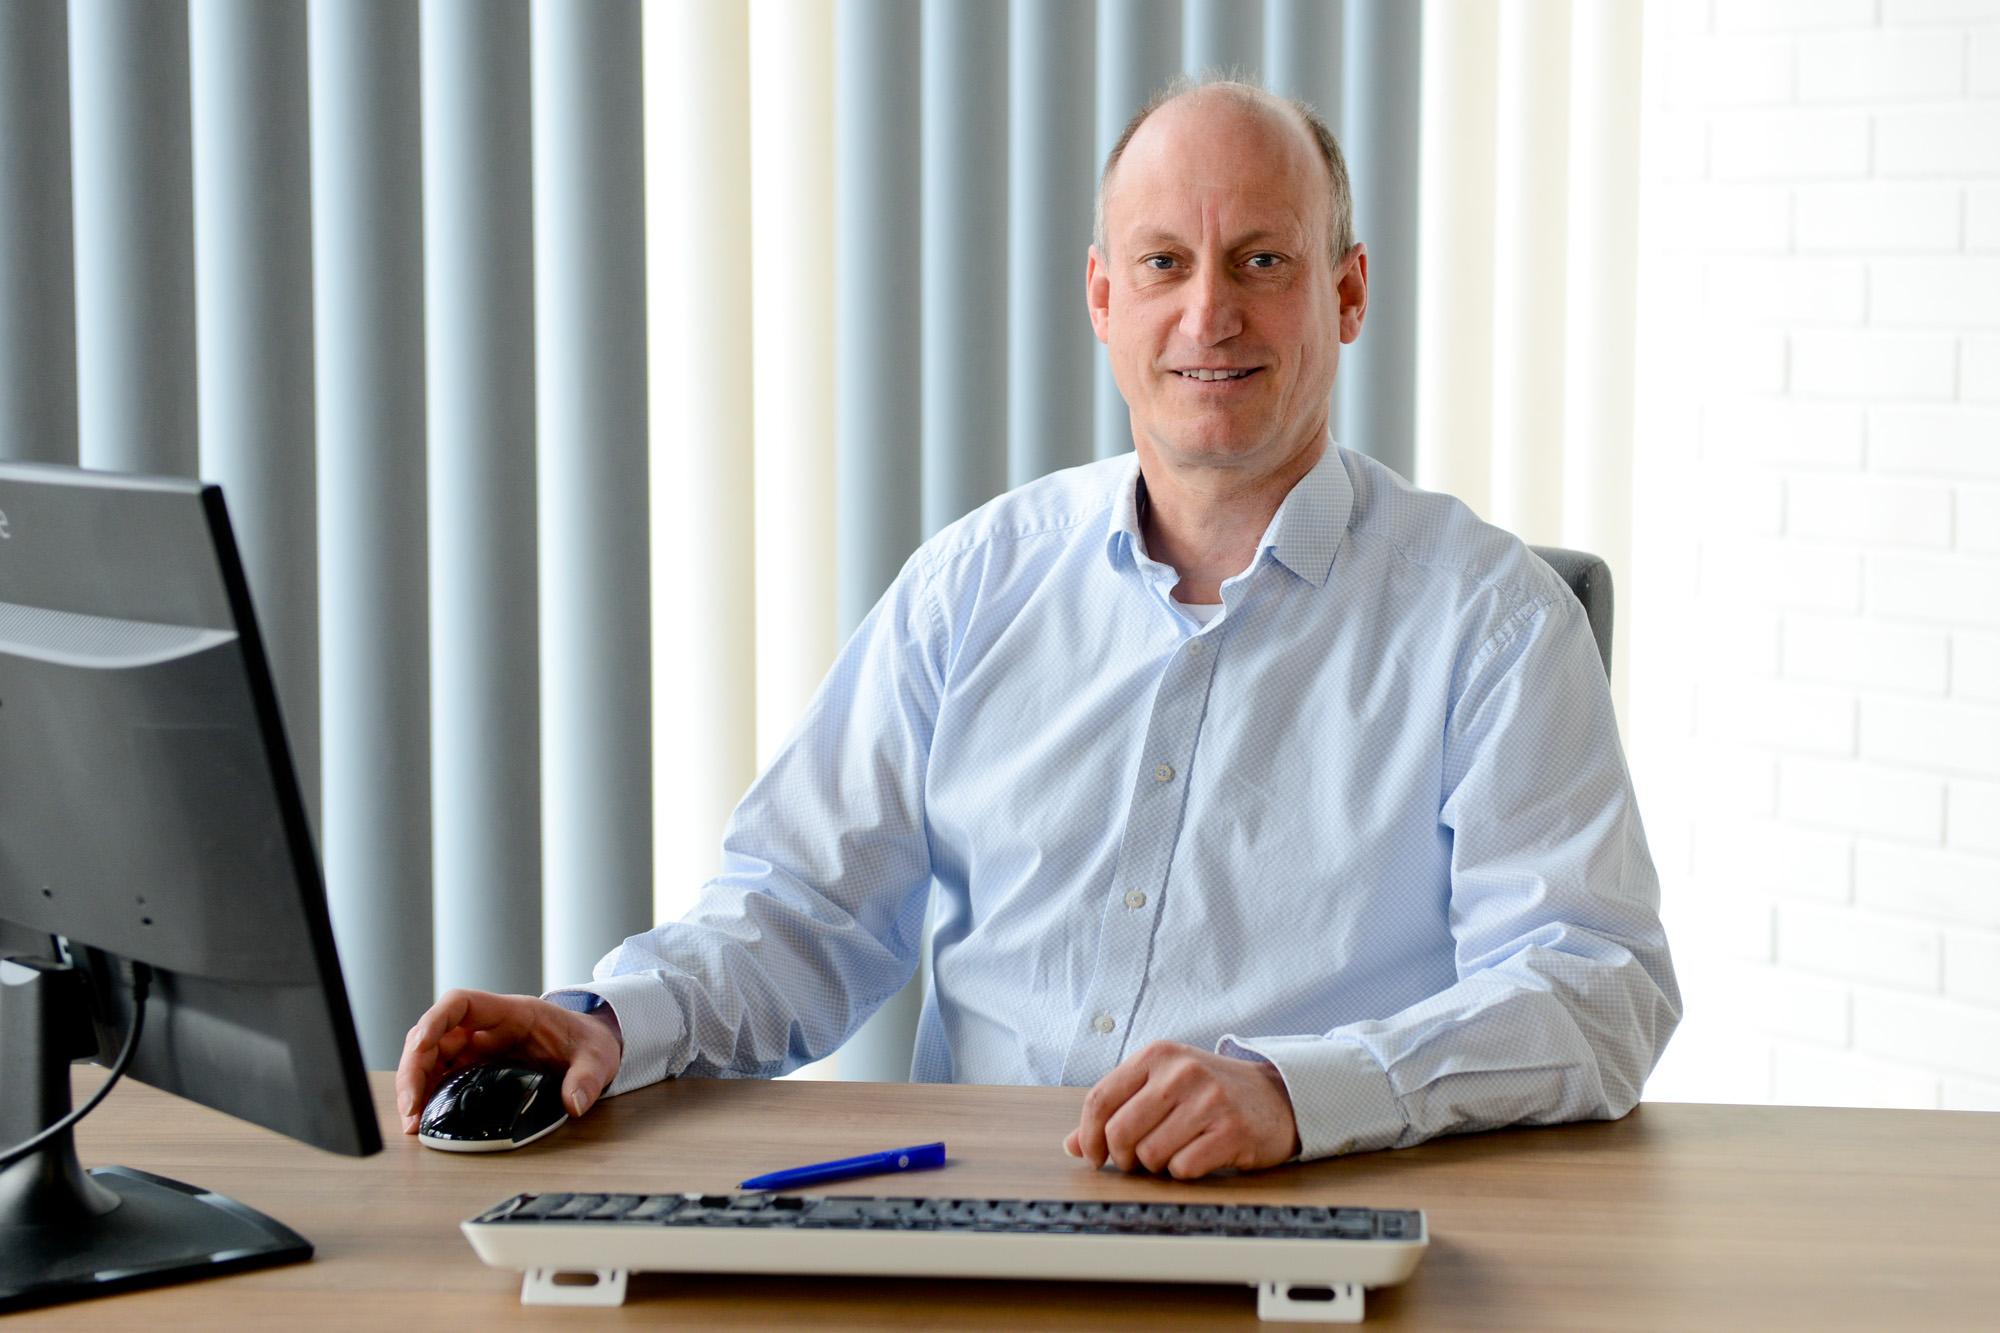 Andreas Schnecke